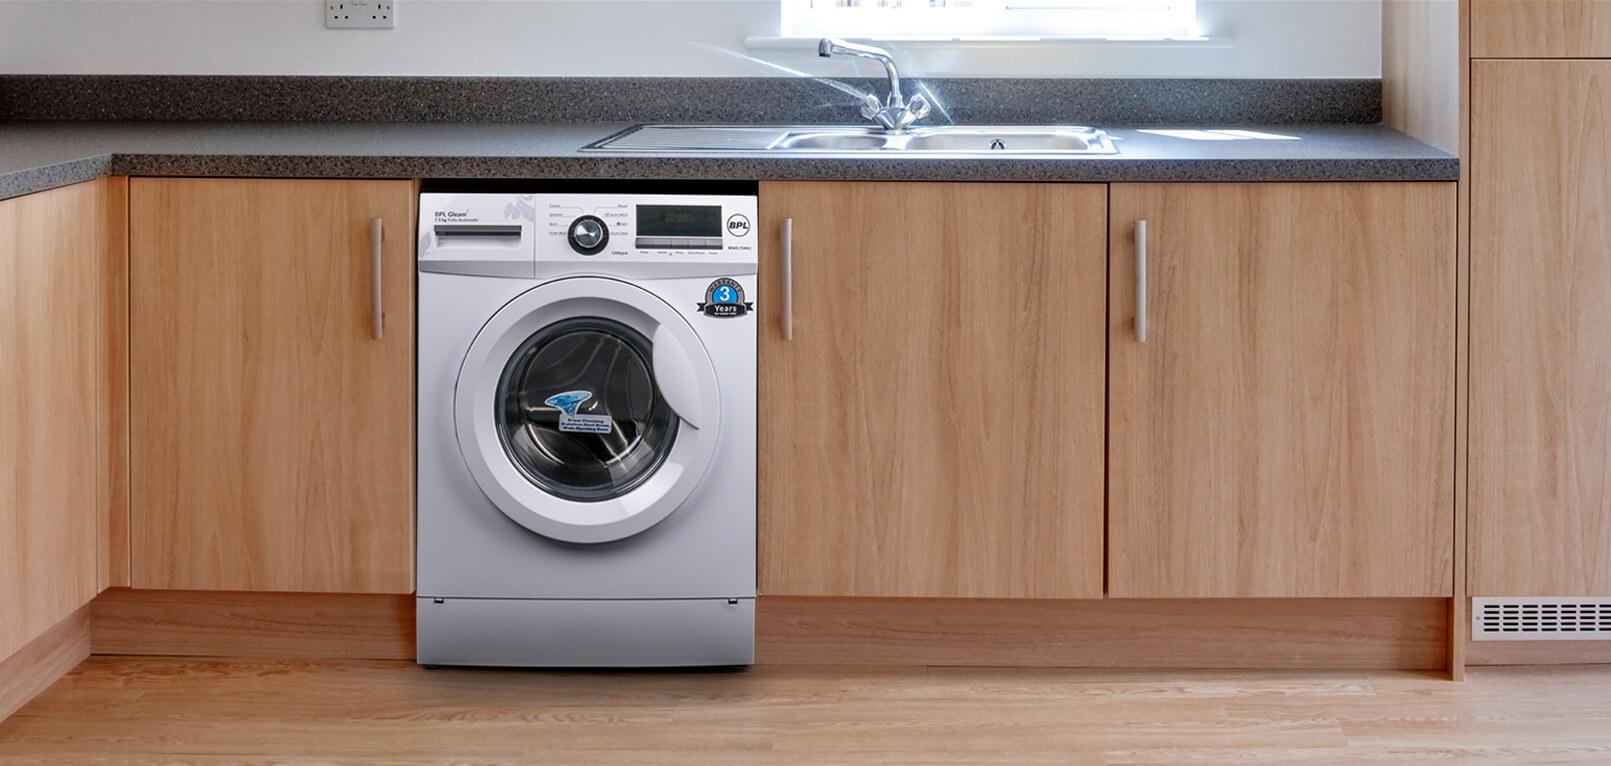 ترفندهای جالب درباره ماشین لباسشویی